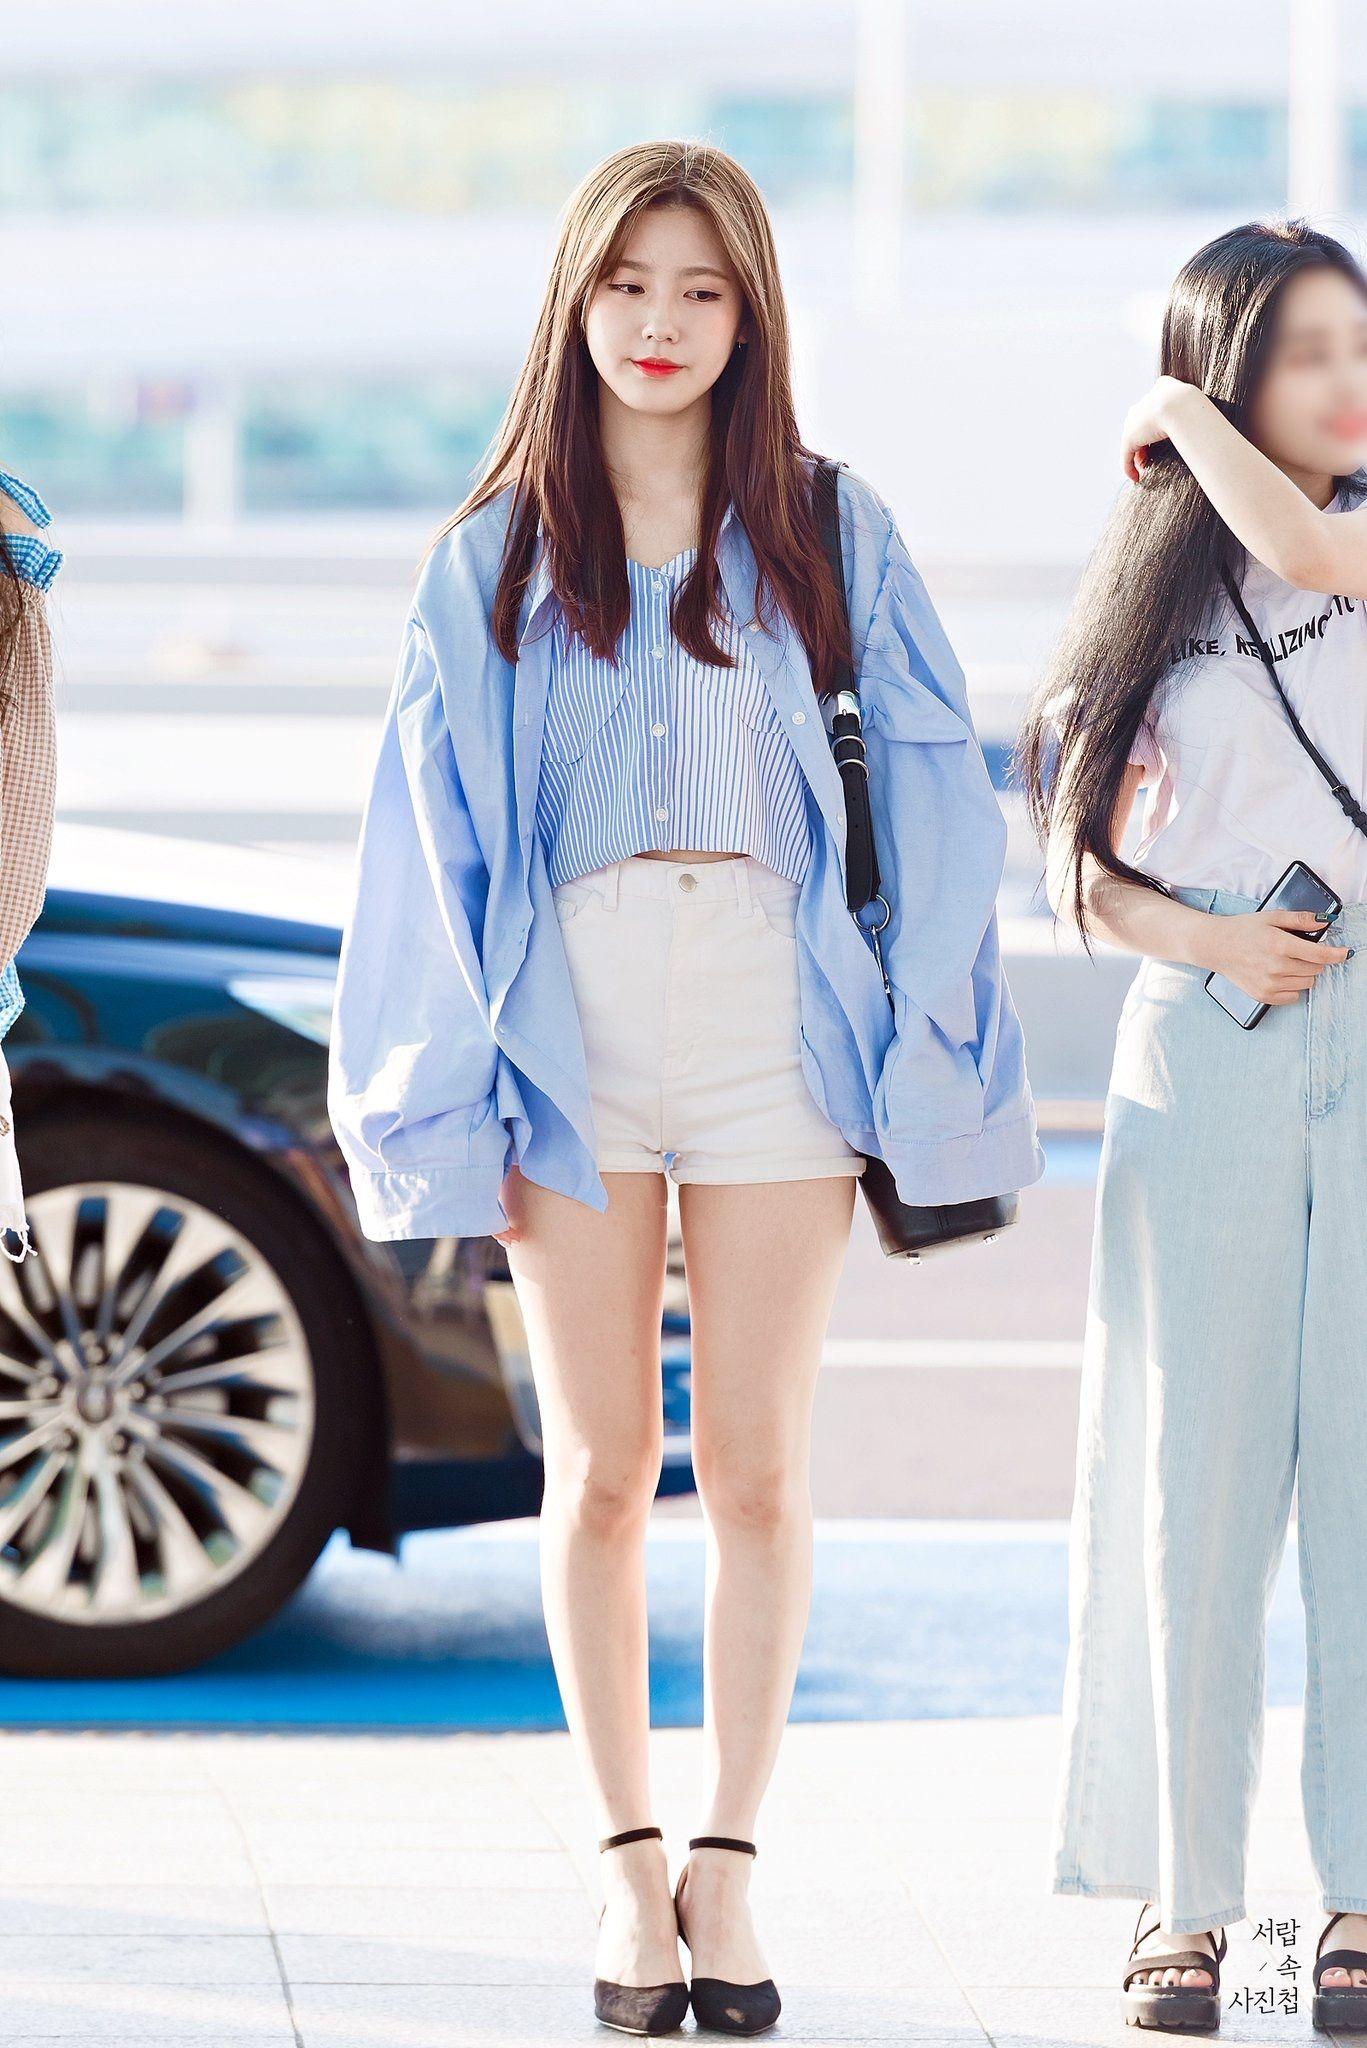 miyeon mặc áo sơ mi rộng thành áo khoác